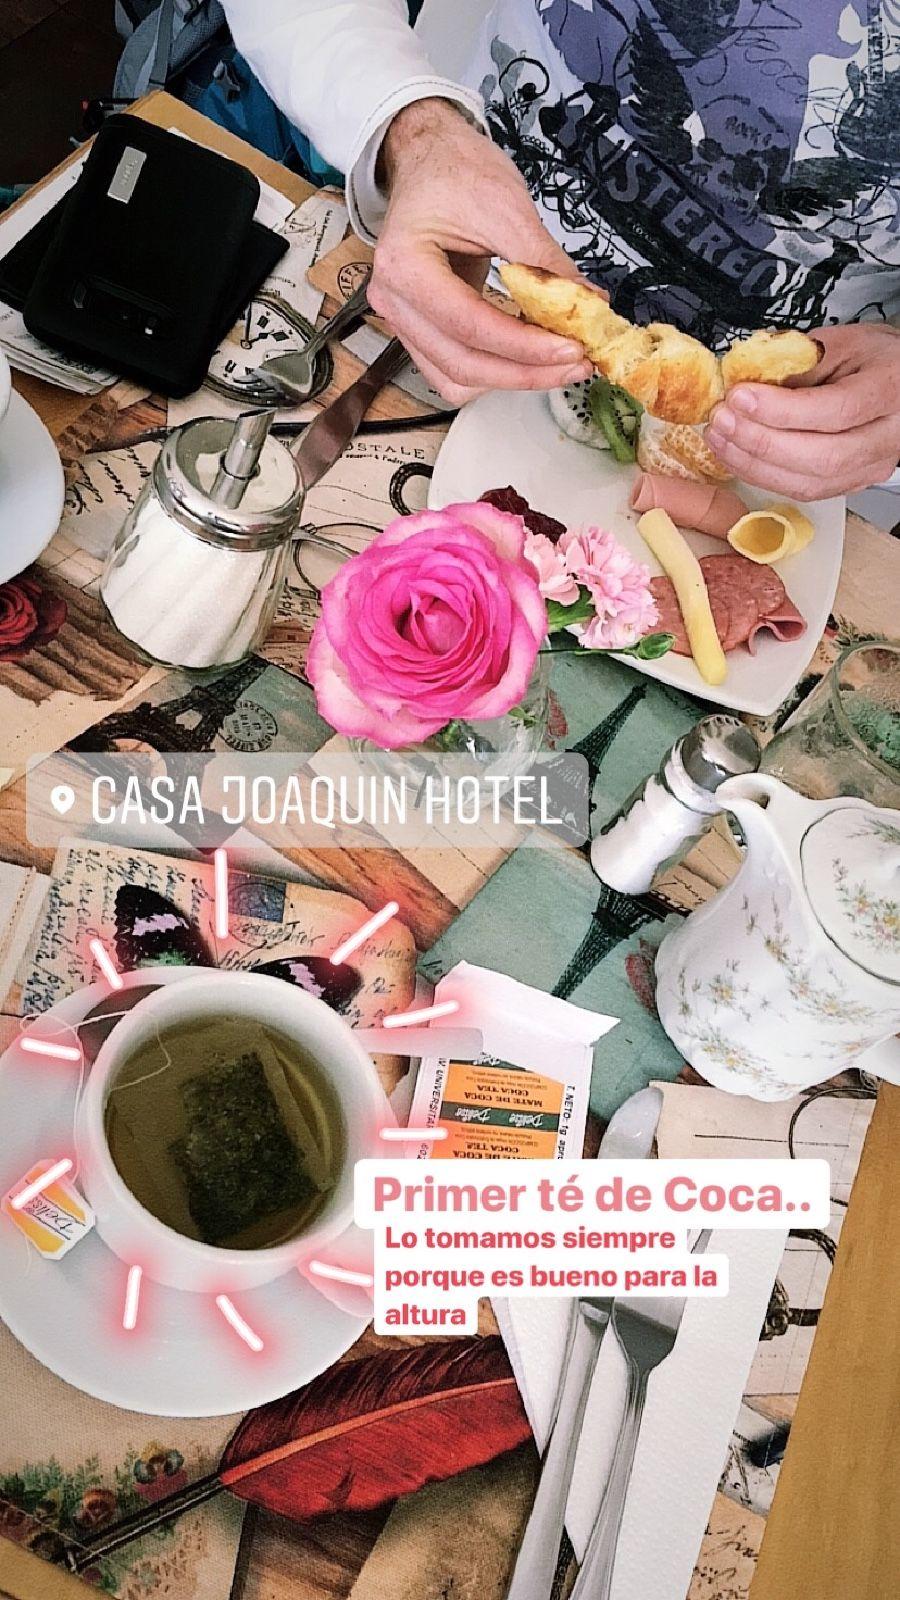 Hotel Casa Joaquín - expedición a ecuador